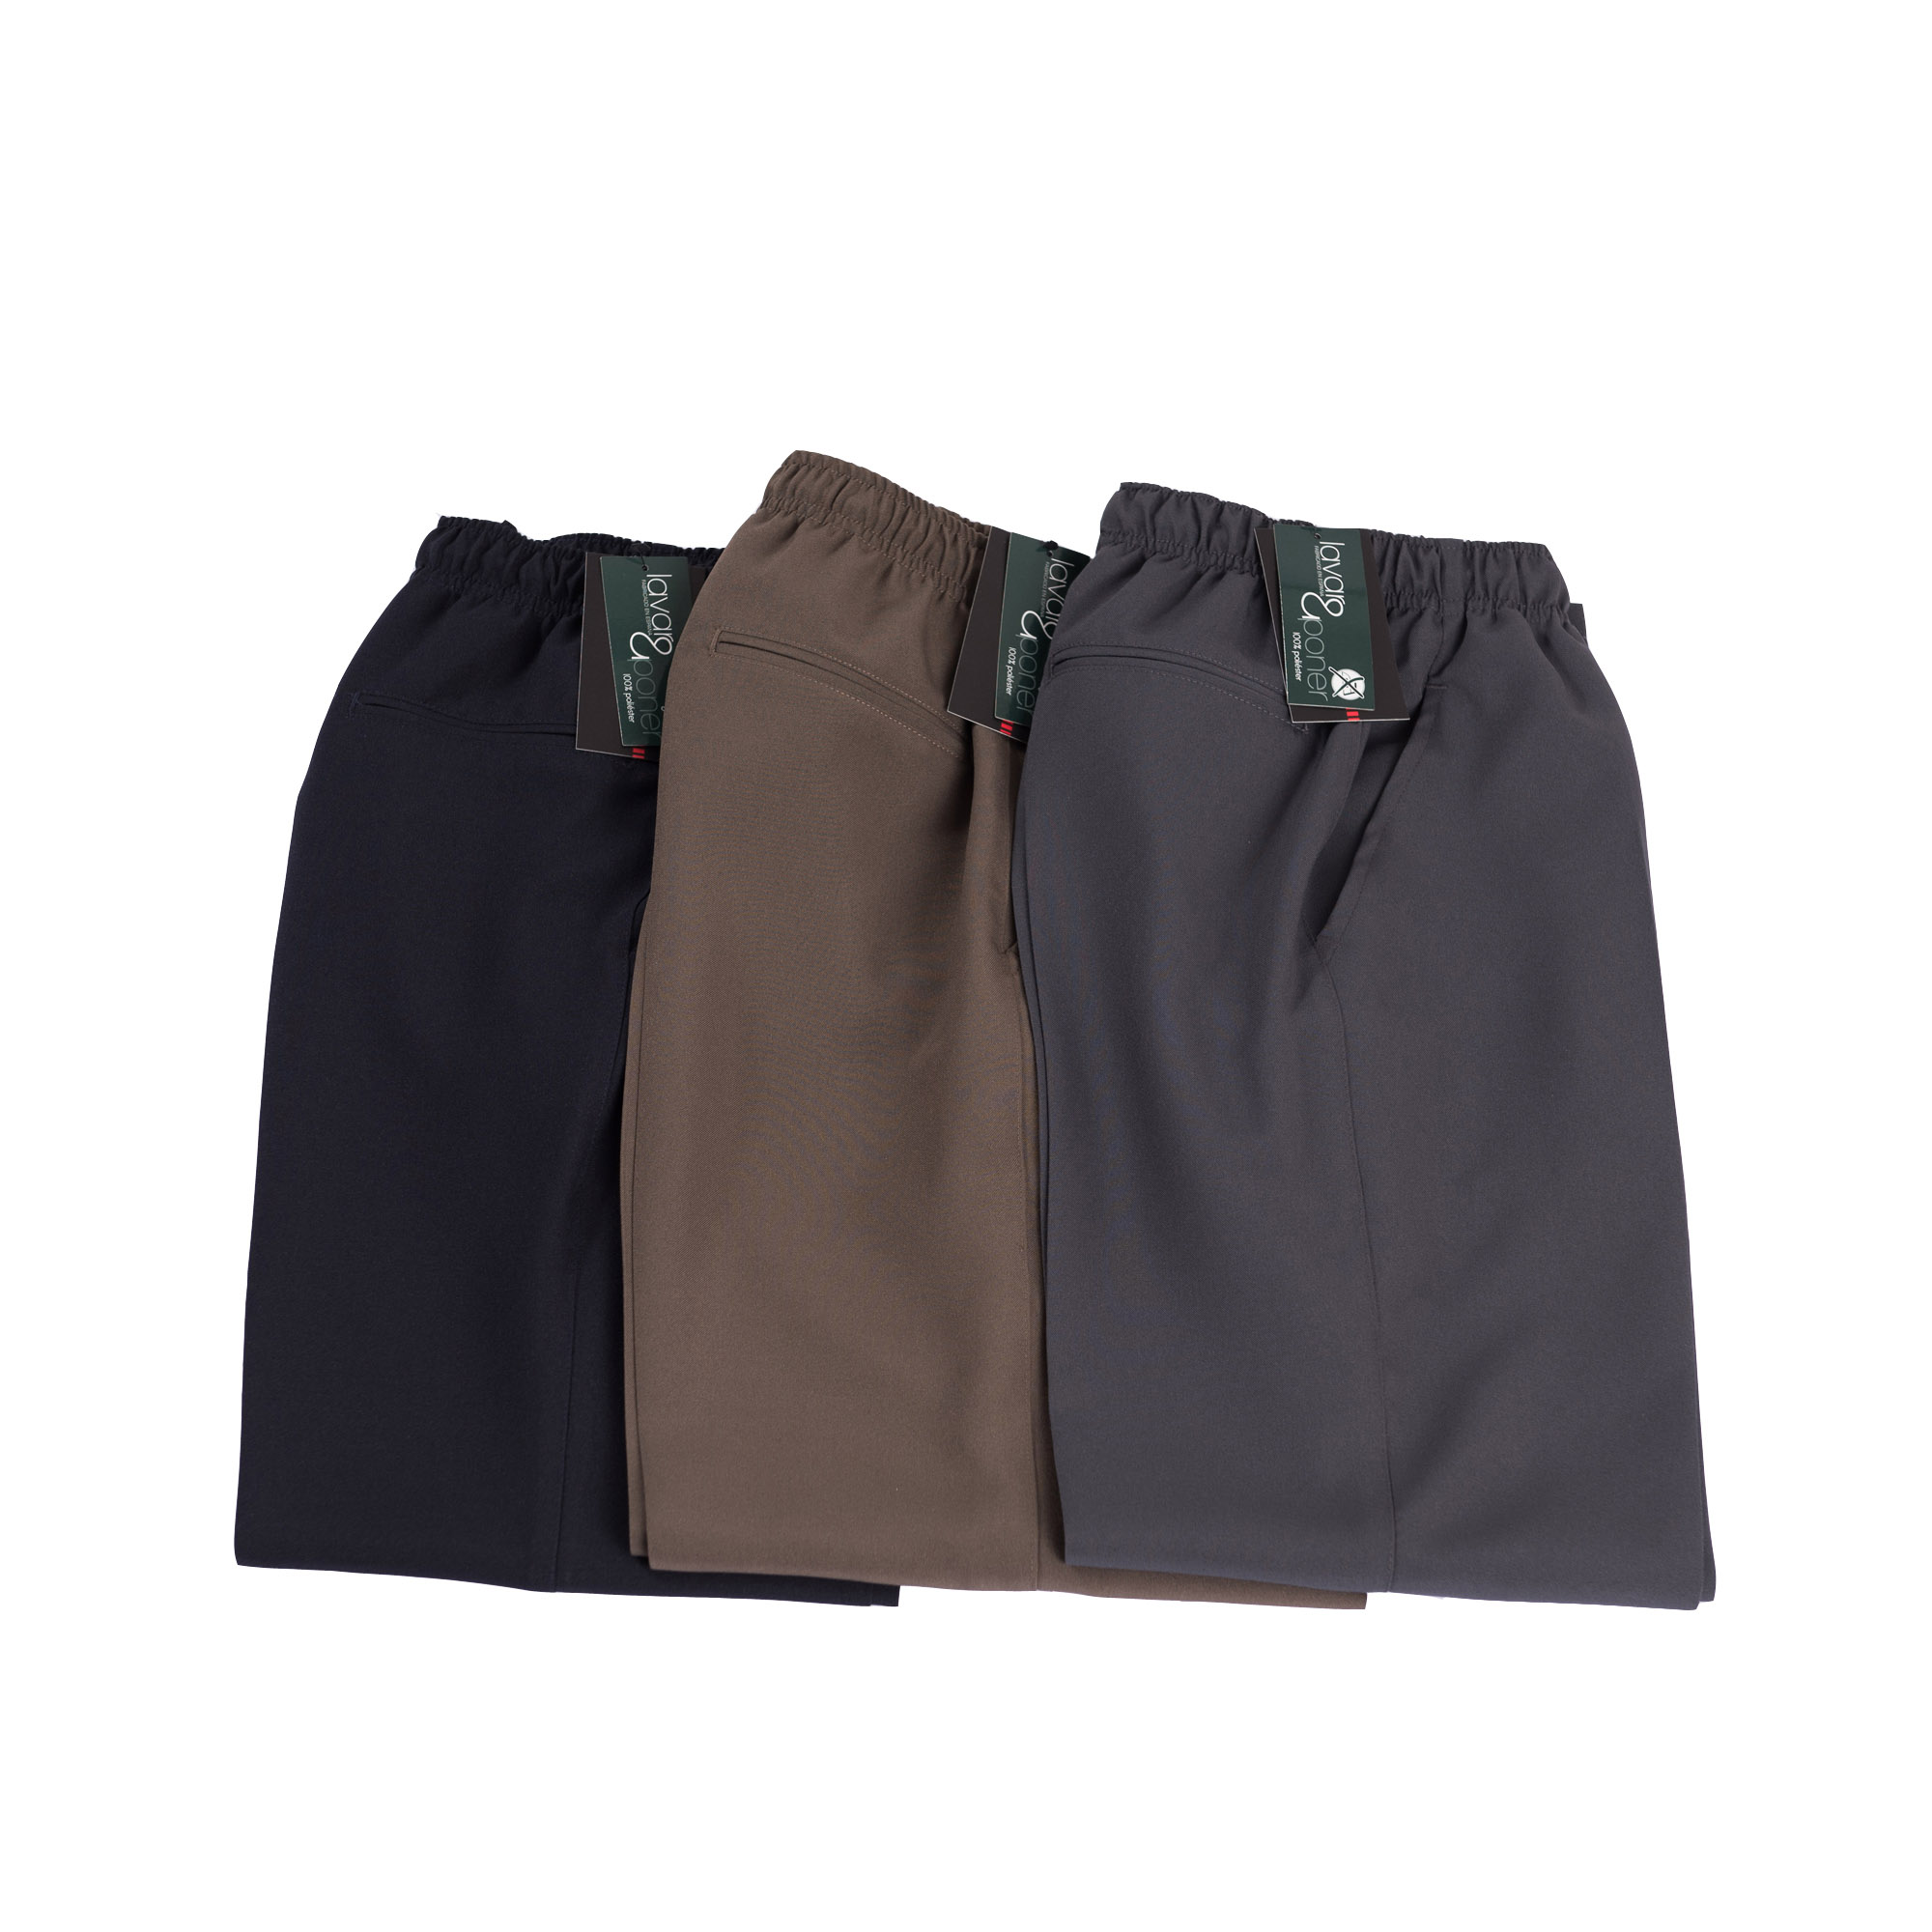 Pantalon Vestir Elastico En Cintura Quim Tex Blaper